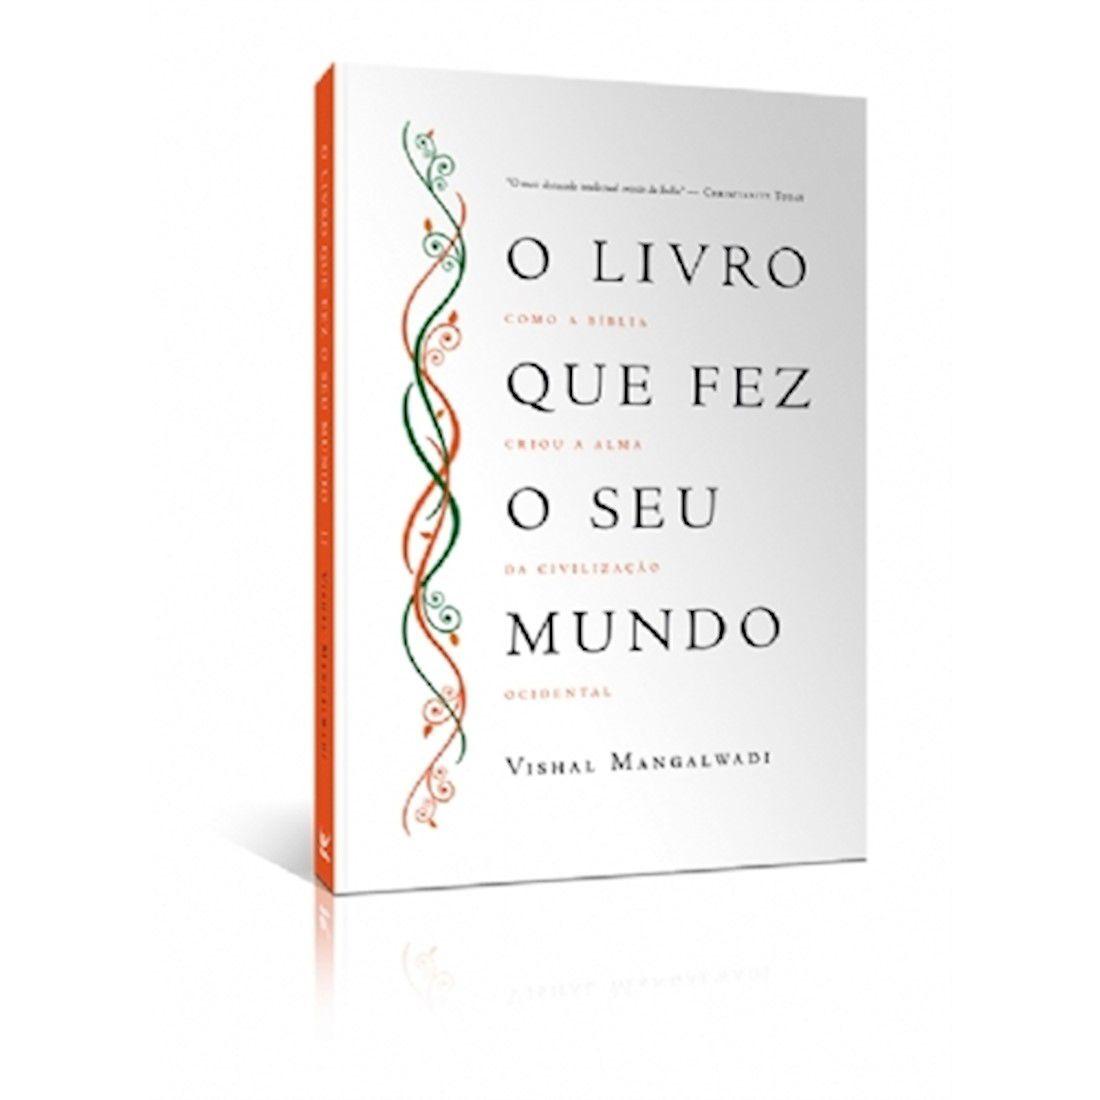 O Livro Que Fez o Seu Mundo